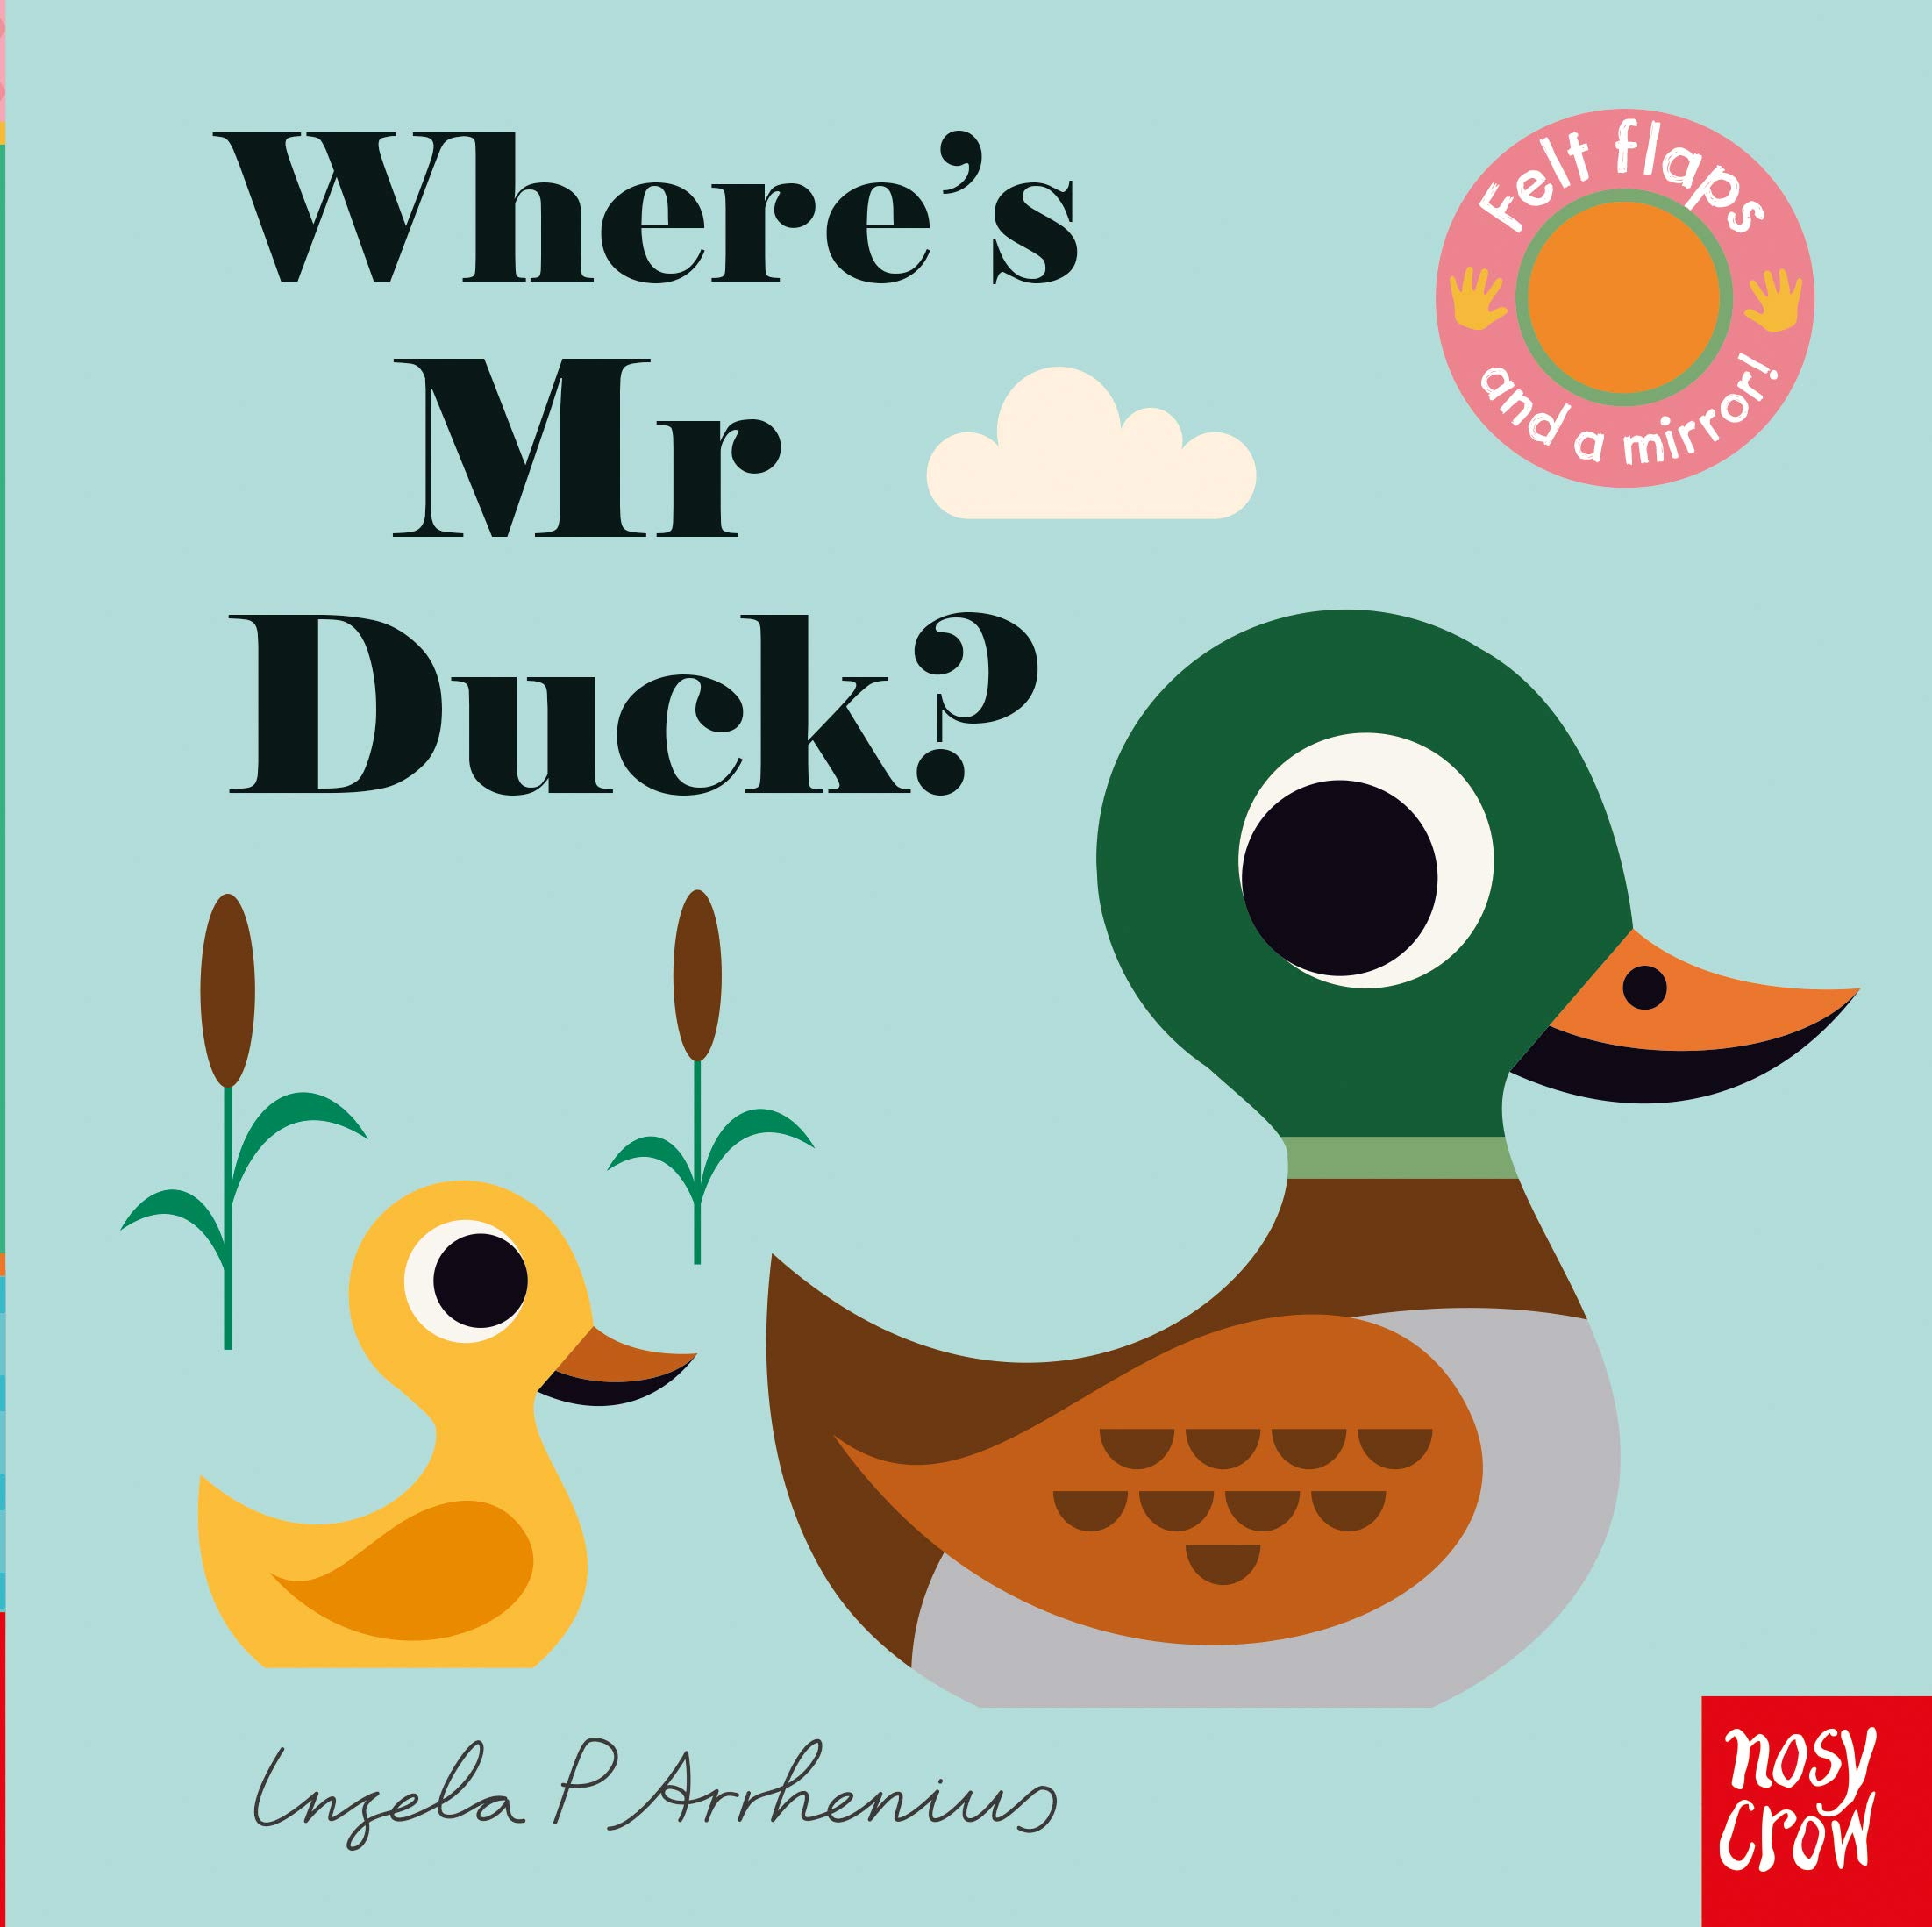 Where's Mr Duck? (Felt Flaps) (Felt Flaps, 10) : Ingela P Arrhenius, Ingela  P Arrhenius, Ingela P Arrhenius: Amazon.co.uk: Books